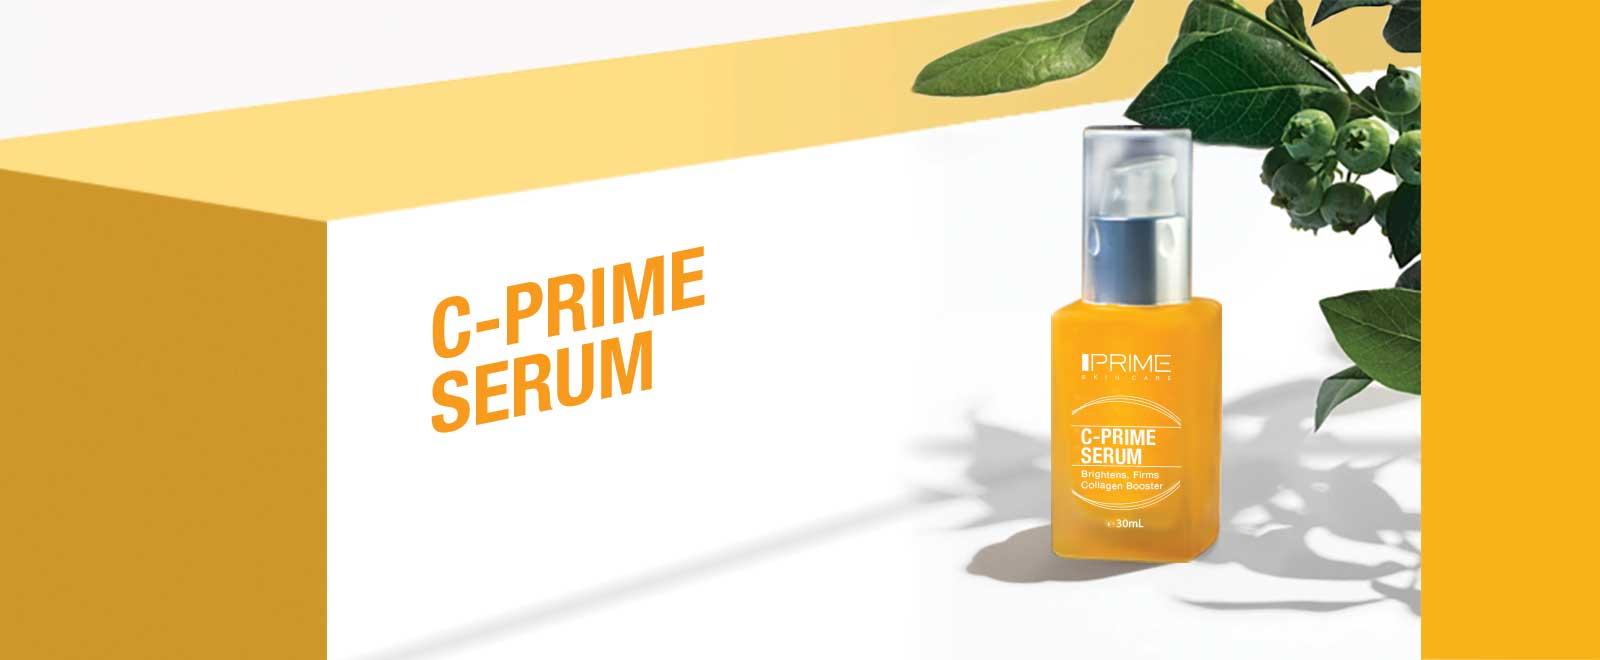 C-PRIME SERUM